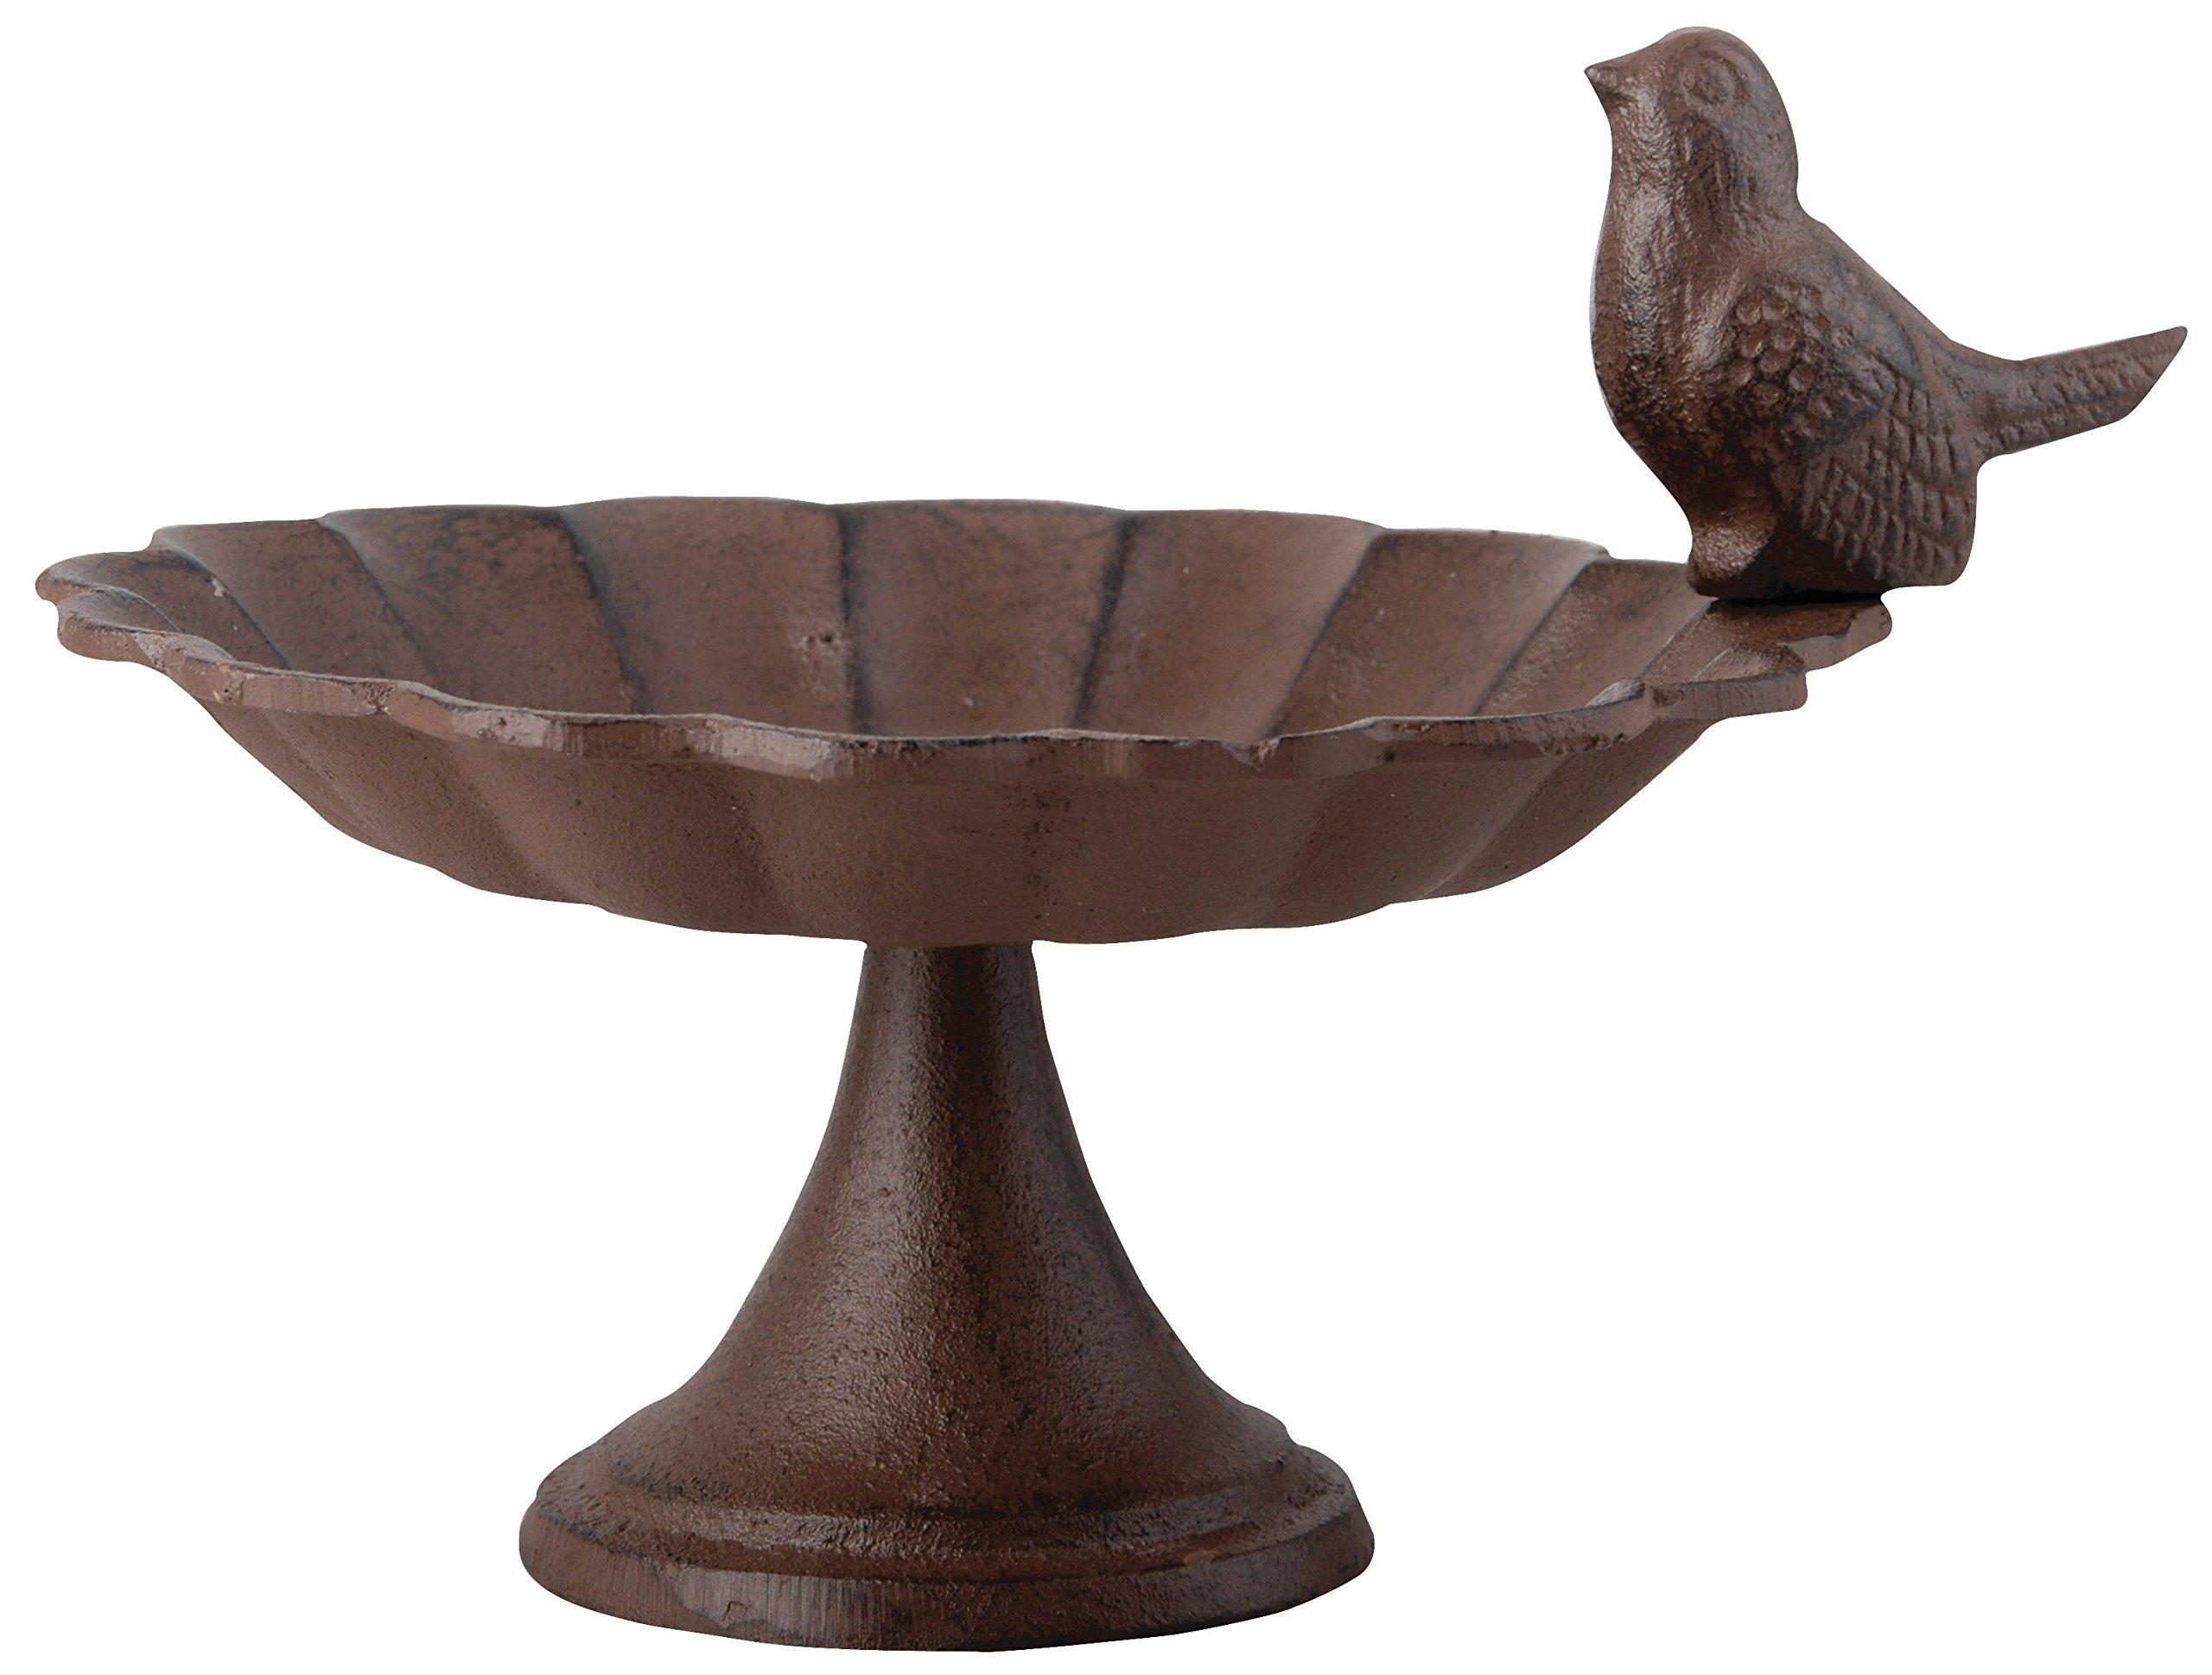 Esschert Design FB164 Cast Iron Pedestal Birdbath, Small by Esschert Design